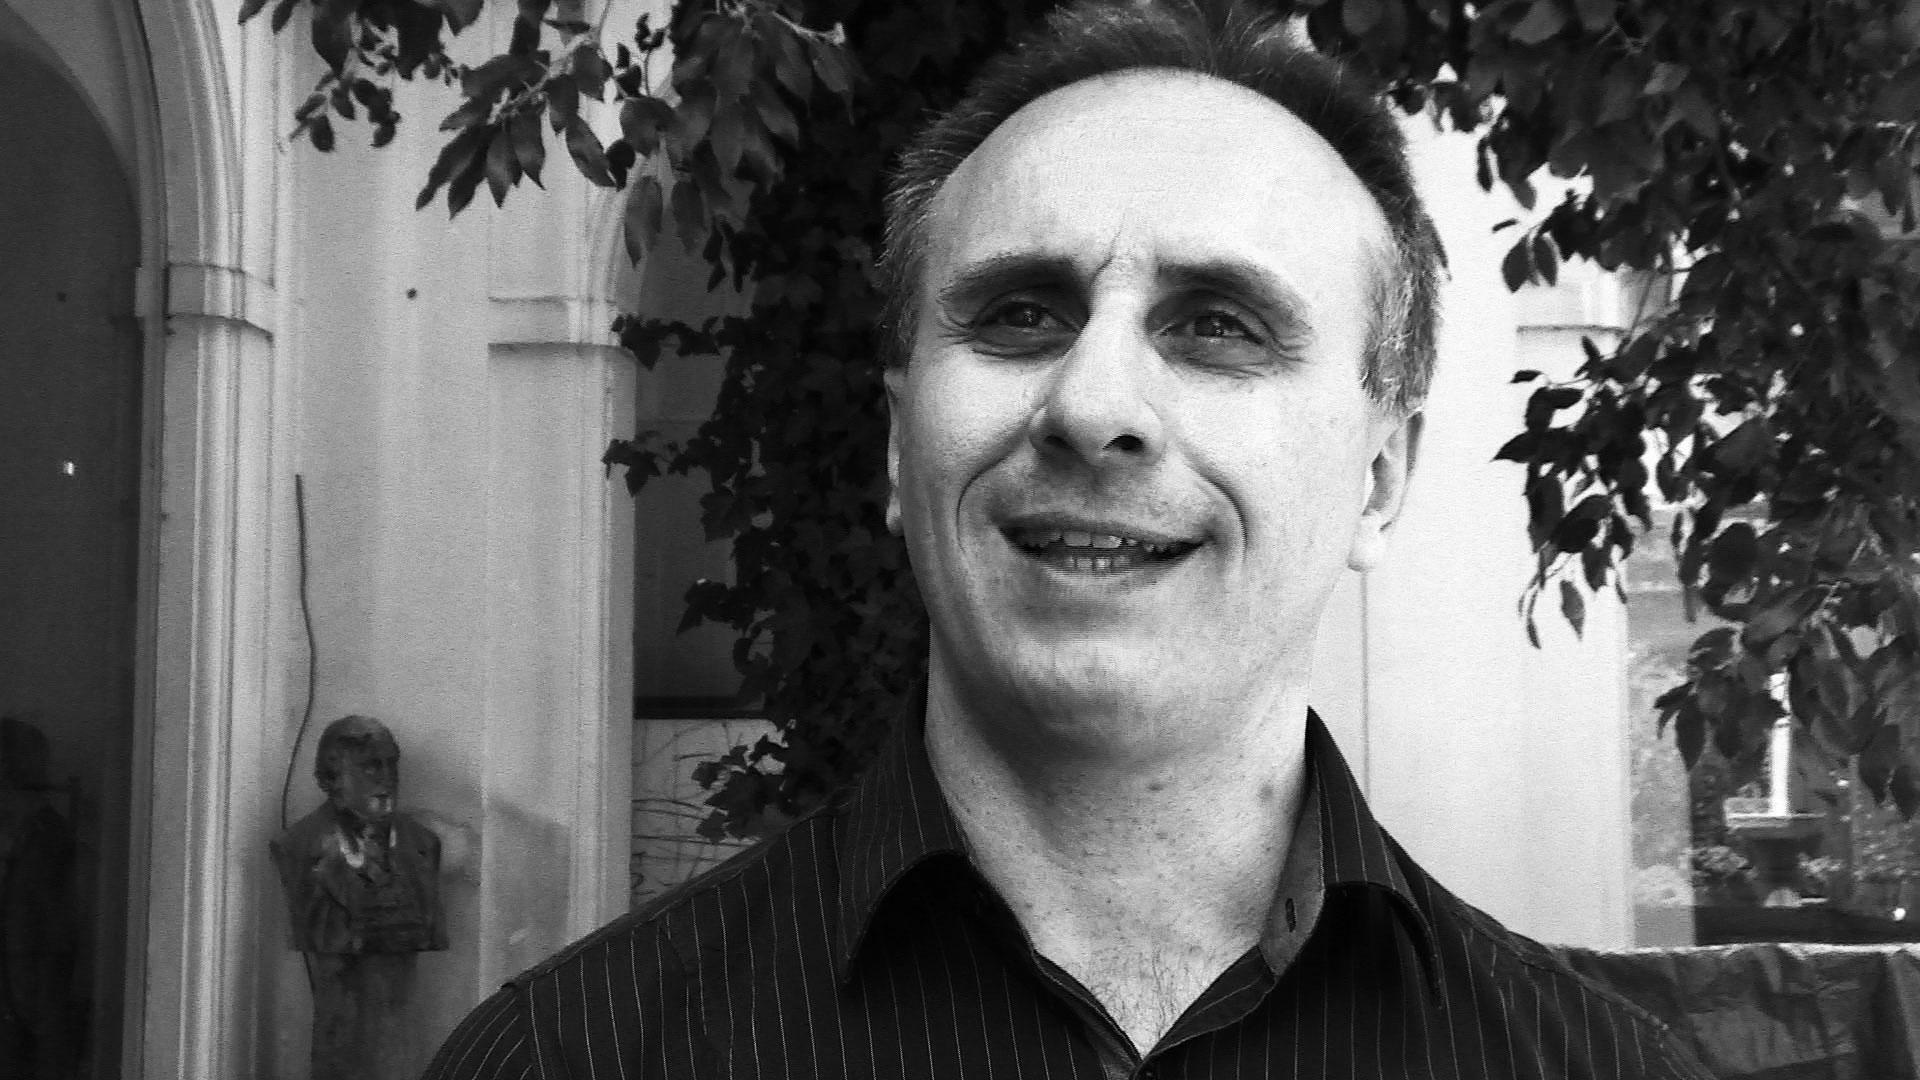 PIF 2014 | Intervista al maestro Massimiliano Pitocco, giurato della 39a edizione